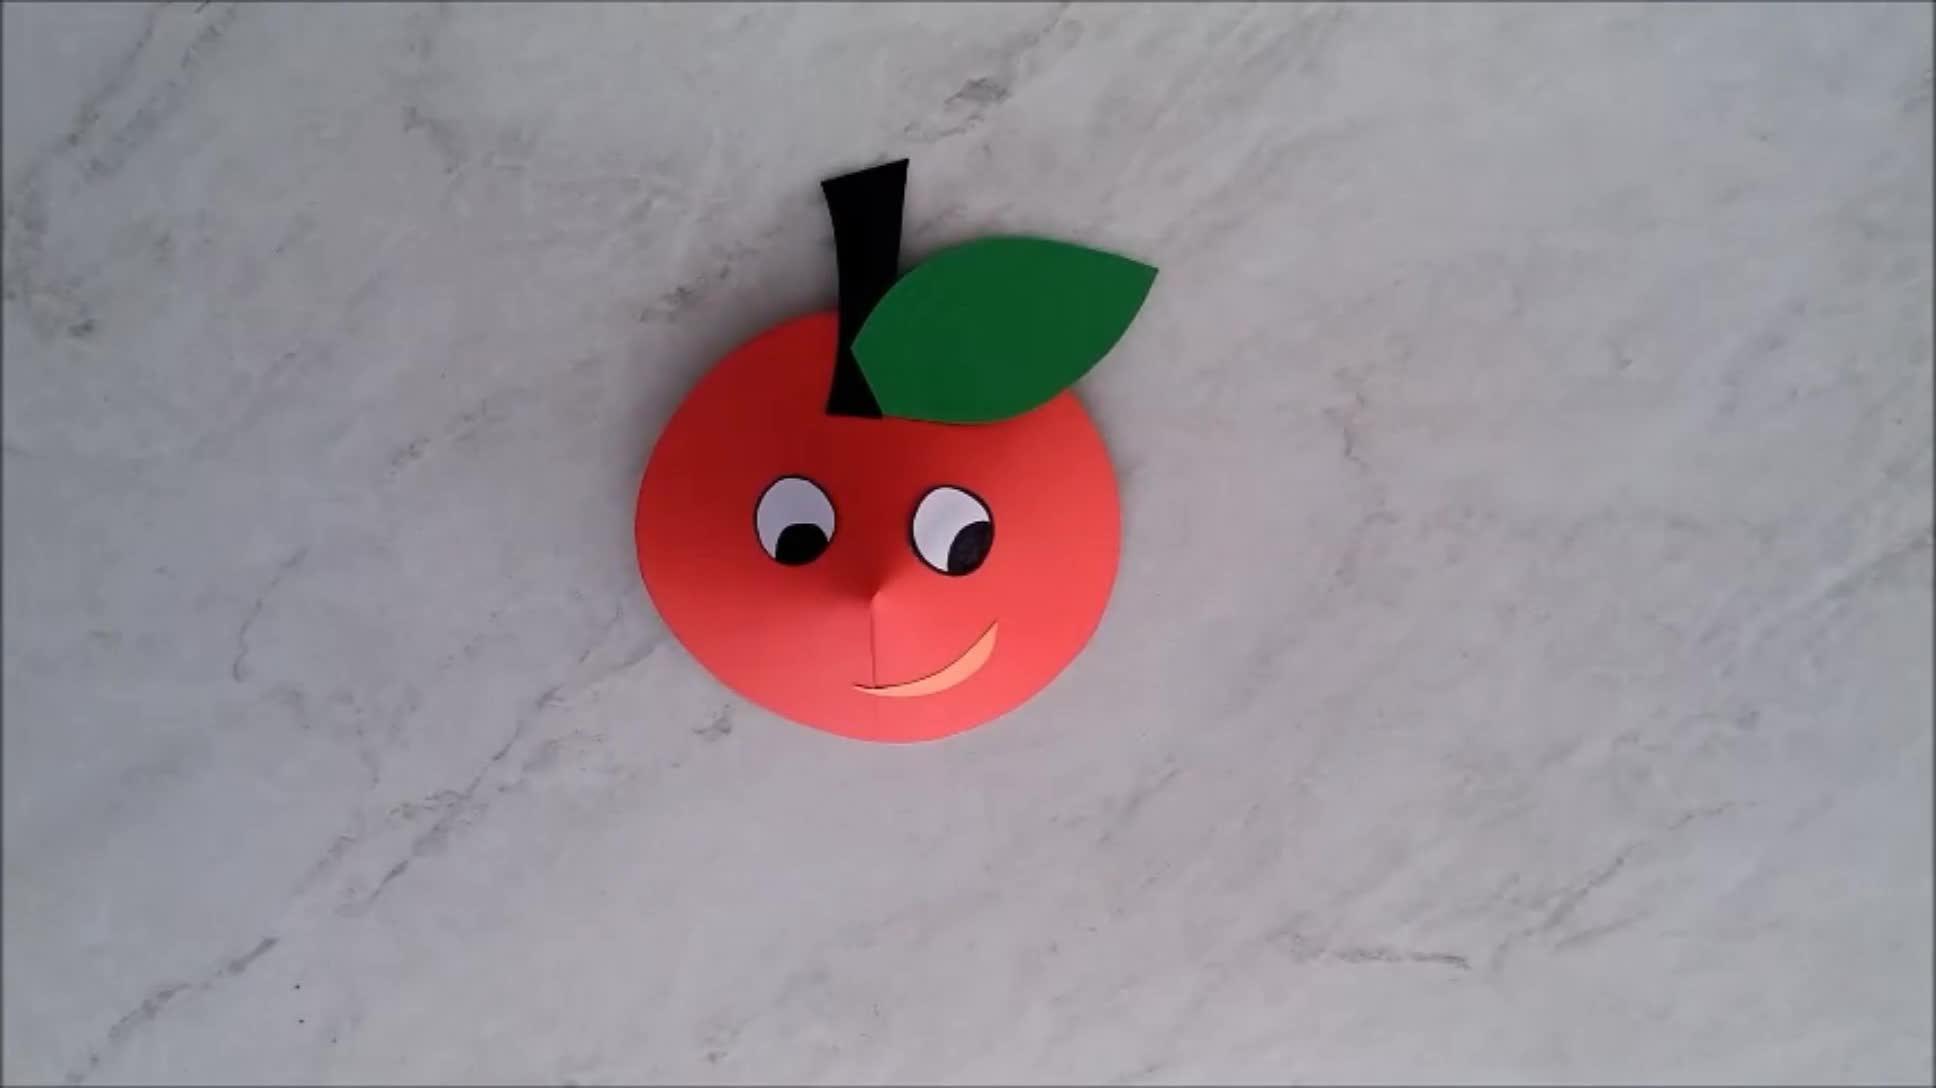 Kağıttan Elma Yapımı Izle Video Eğitim Bilişim Ağı